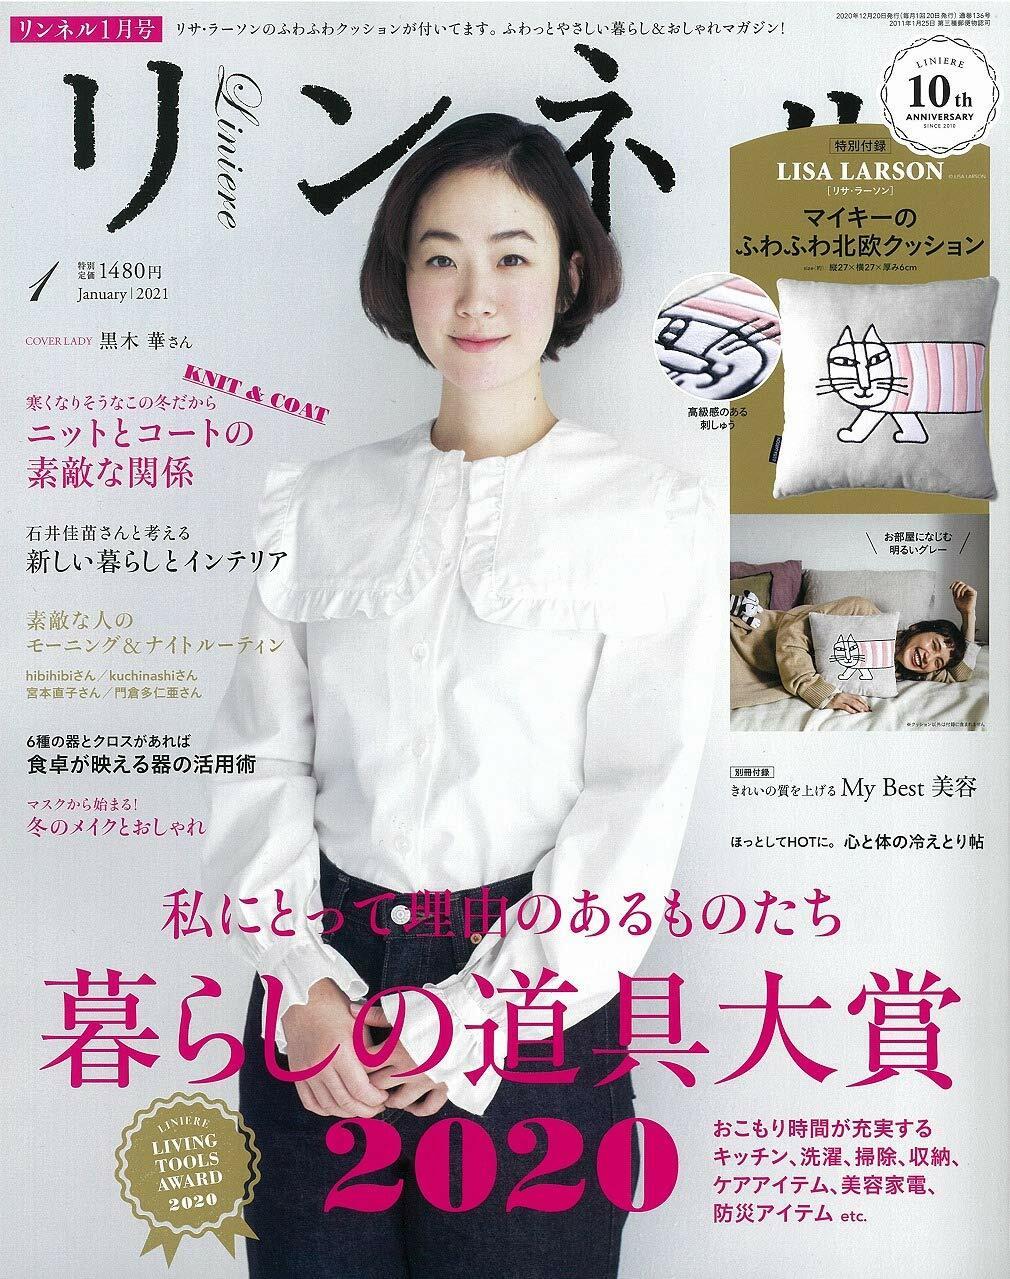 リンネル 2021年 01月號 (雜誌, 月刊)